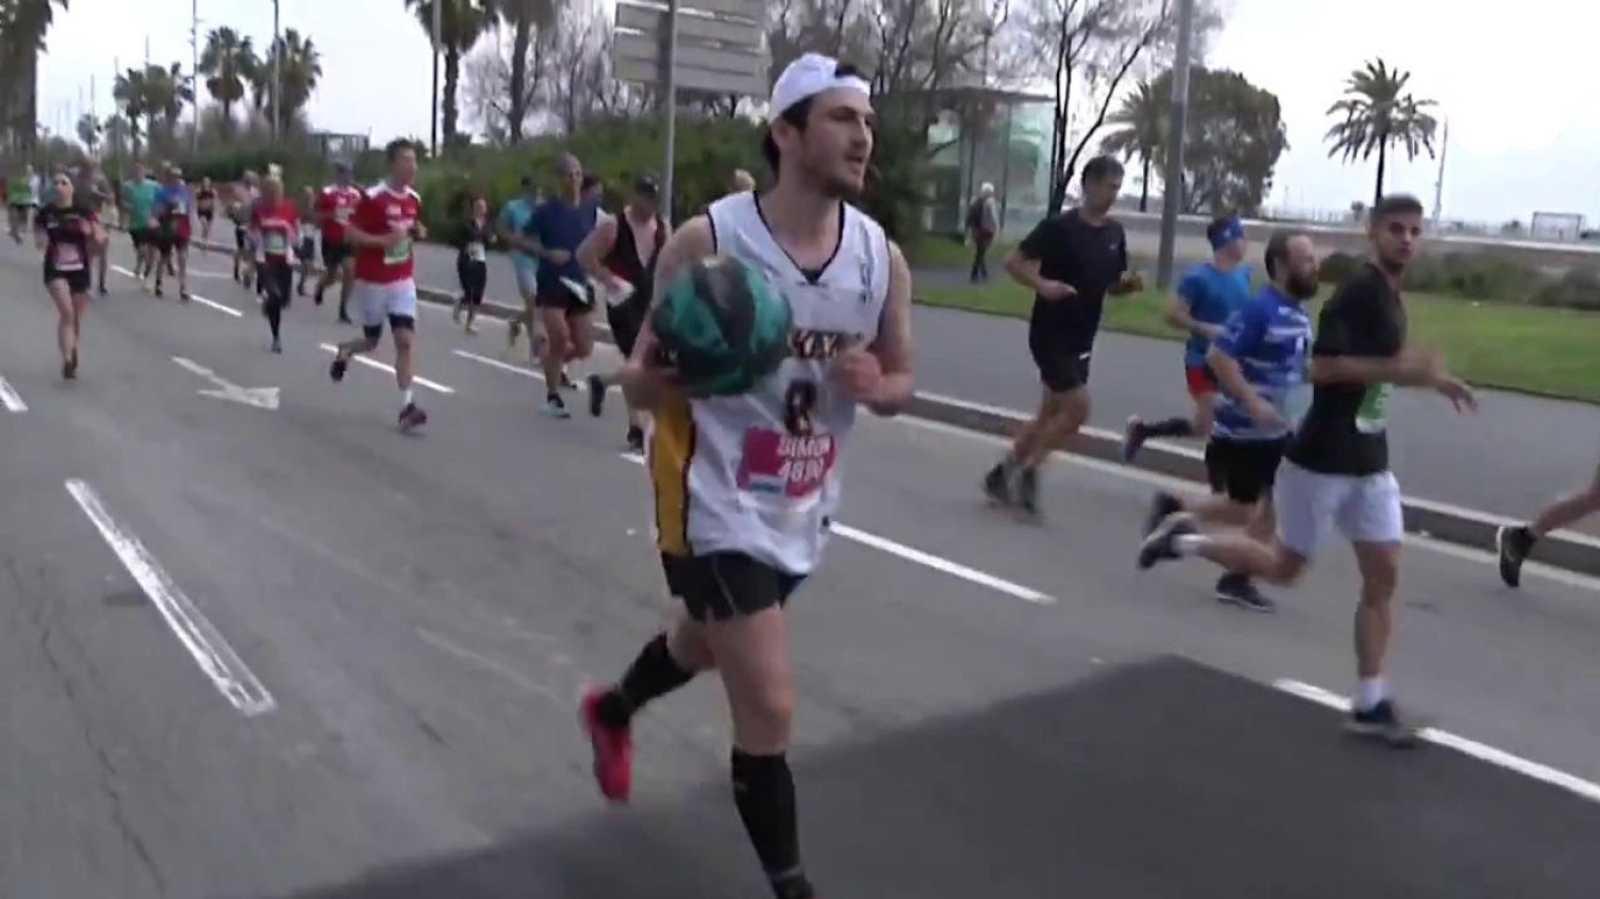 Atletismo - Medio Maratón de Barcelona. Resumen - ver ahora